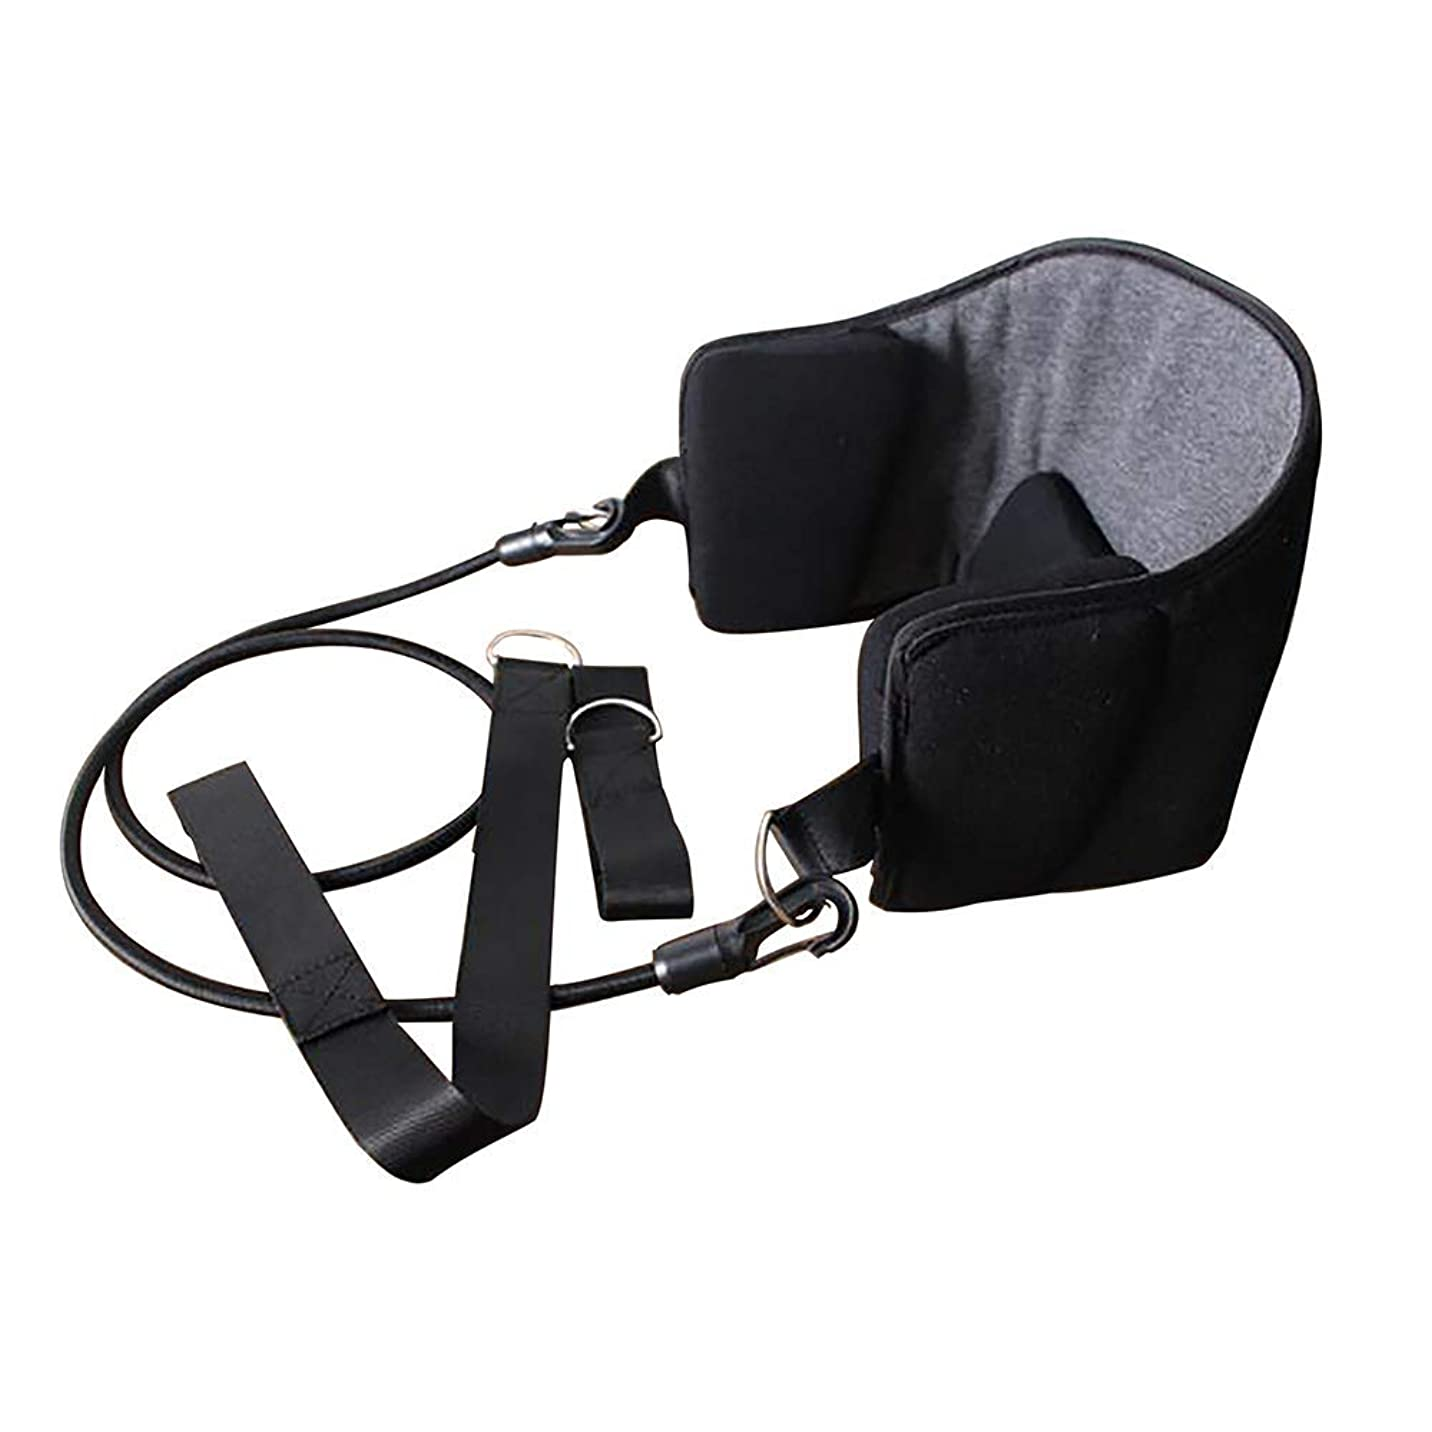 自転車進化書き出す頸椎牽引装置、背中および肩の痛みに使用する携帯用首痛緩和マッサージ、オフィスワーカーに最適、教師